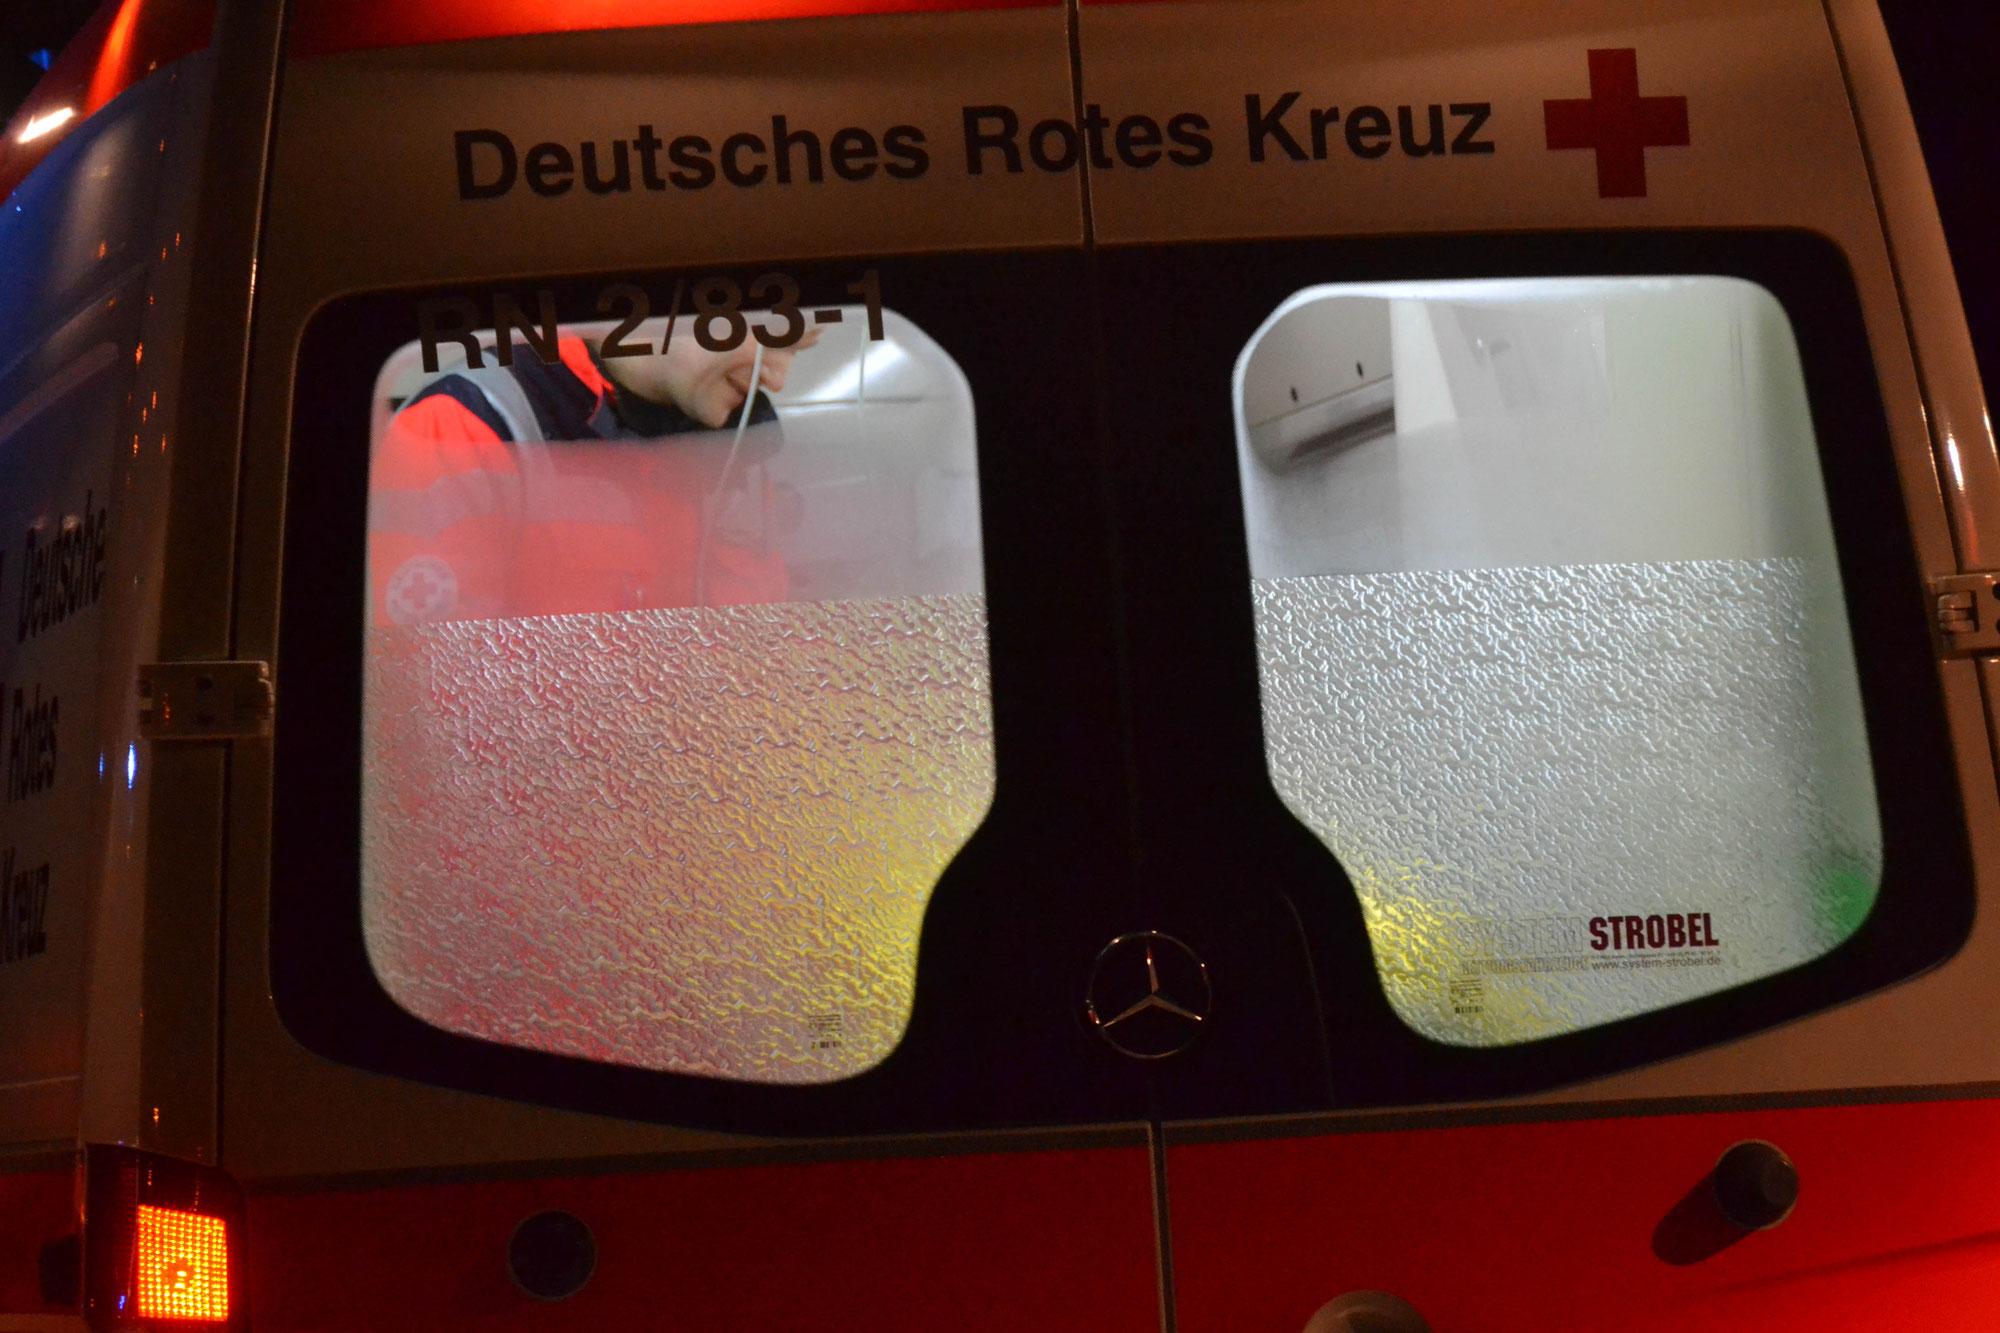 Leimen/Rhein-Neckar-Kreis: 33-jähriger Mann bei tätlicher Auseinandersetzung schwer verletzt